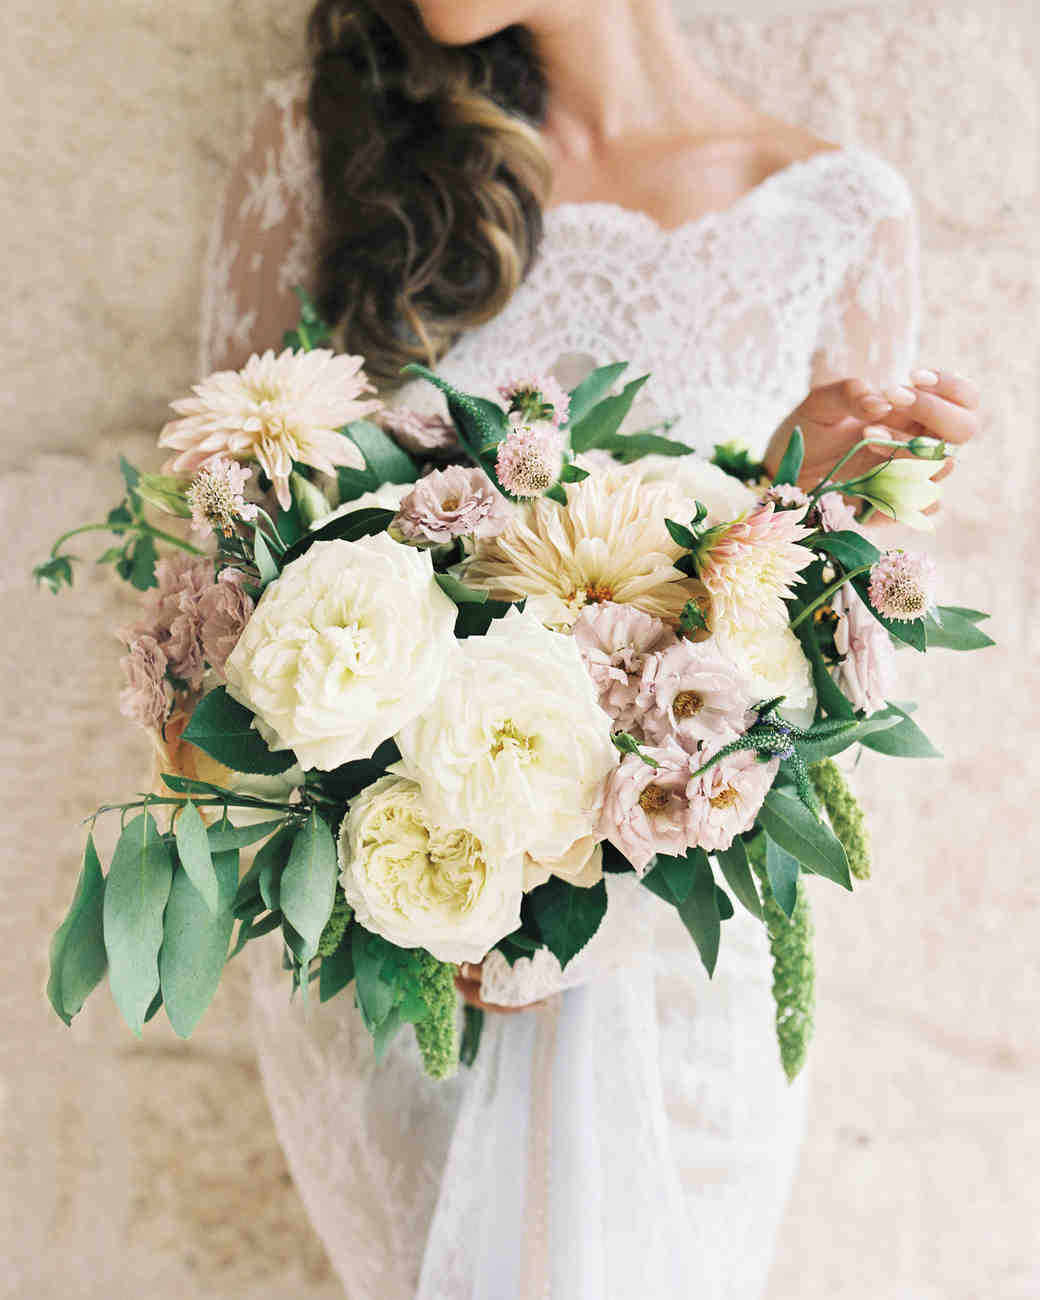 renee-matthew-wedding-maui-hawaii-010-s111851.jpg